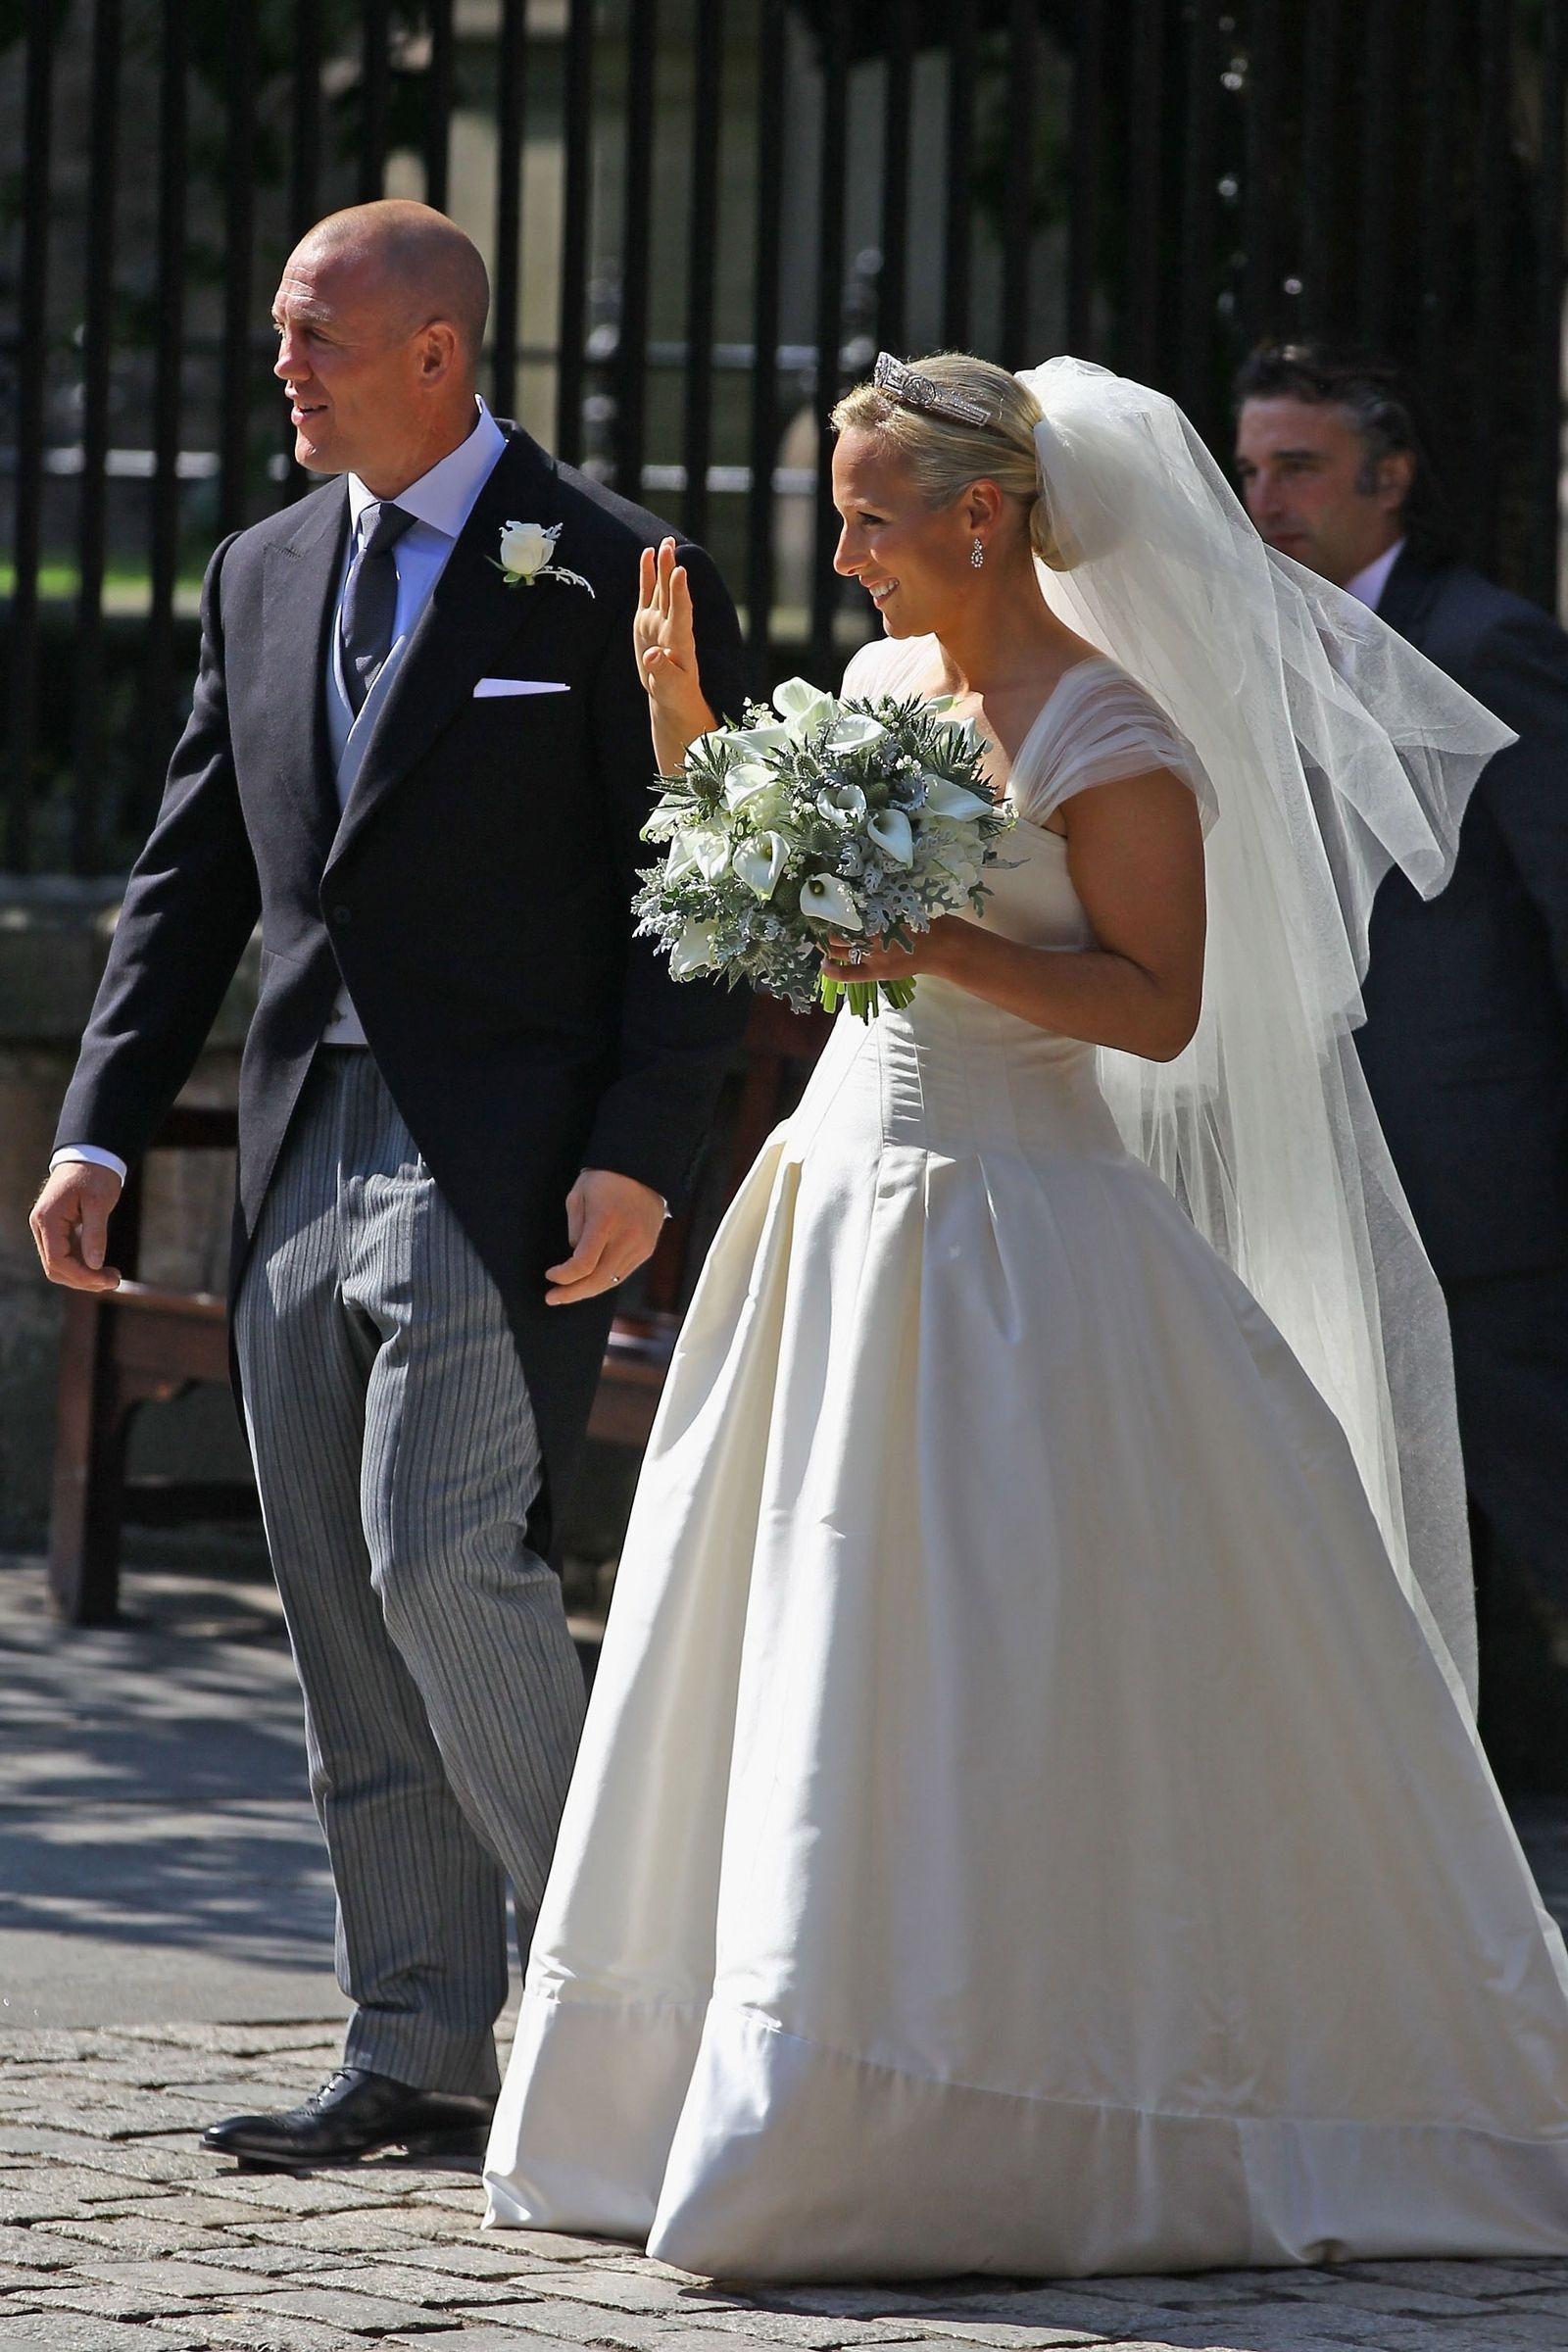 zara tindall wedding dress off 20   medpharmres.com